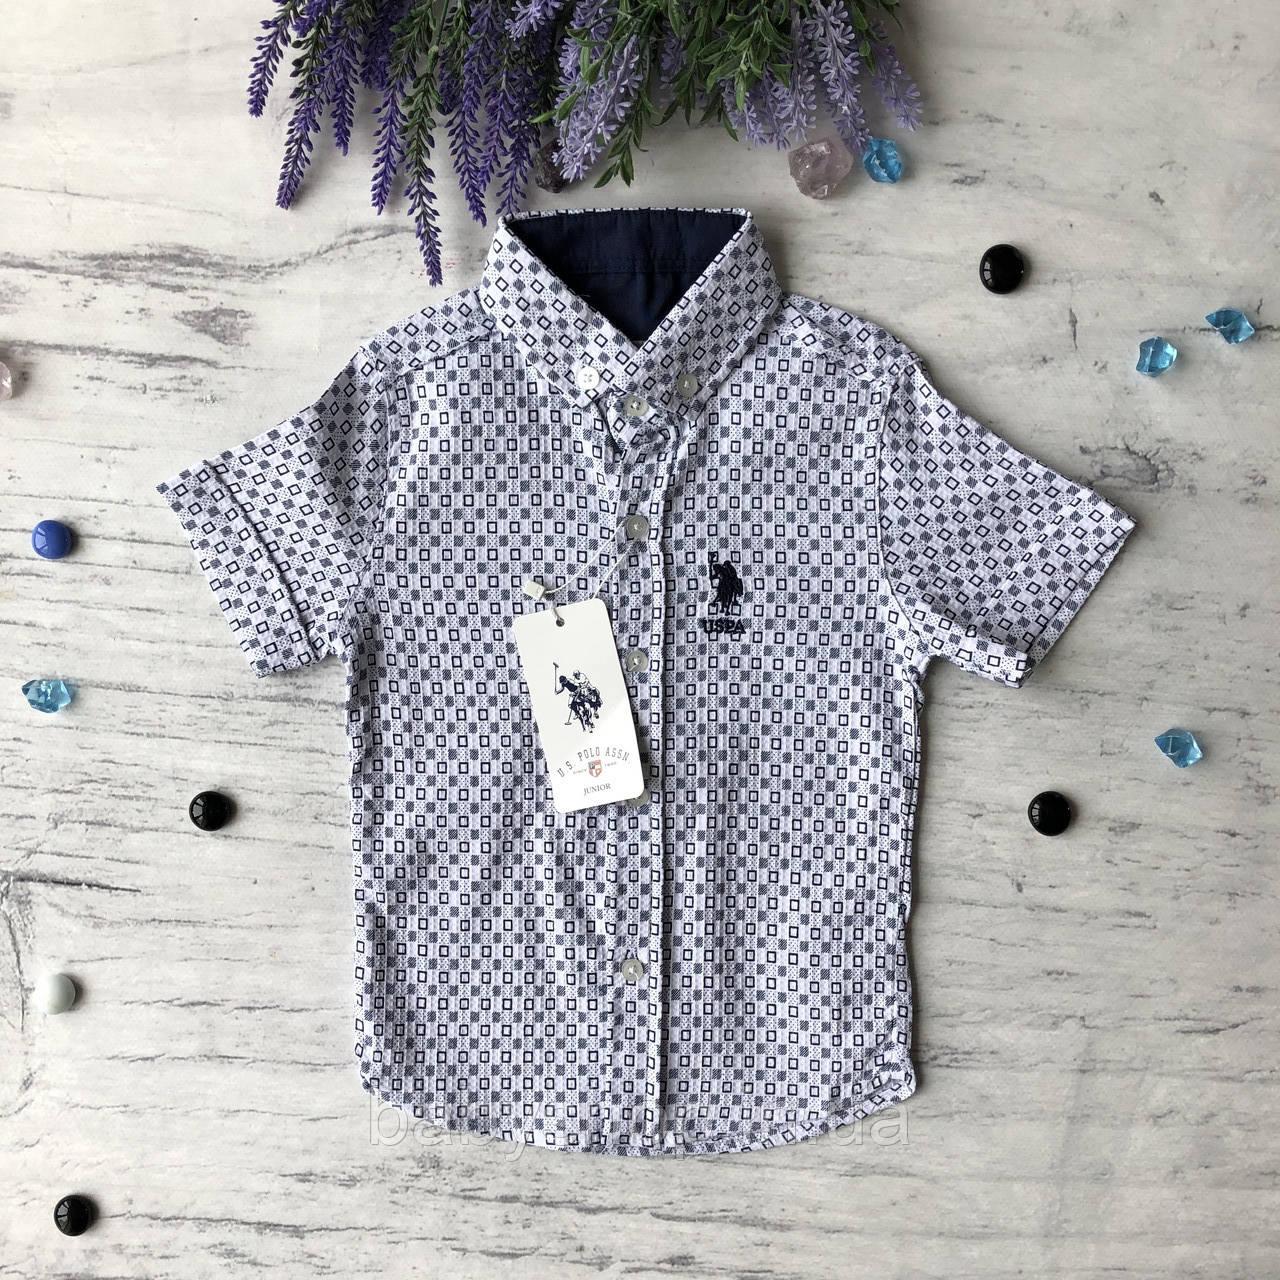 Летняя рубашка на мальчика 5. Размер 3 года, 4 года, 5 лет, 6 лет, 7 лет, 8 лет, 9 лет, 10 лет, 11 лет, 12 лет